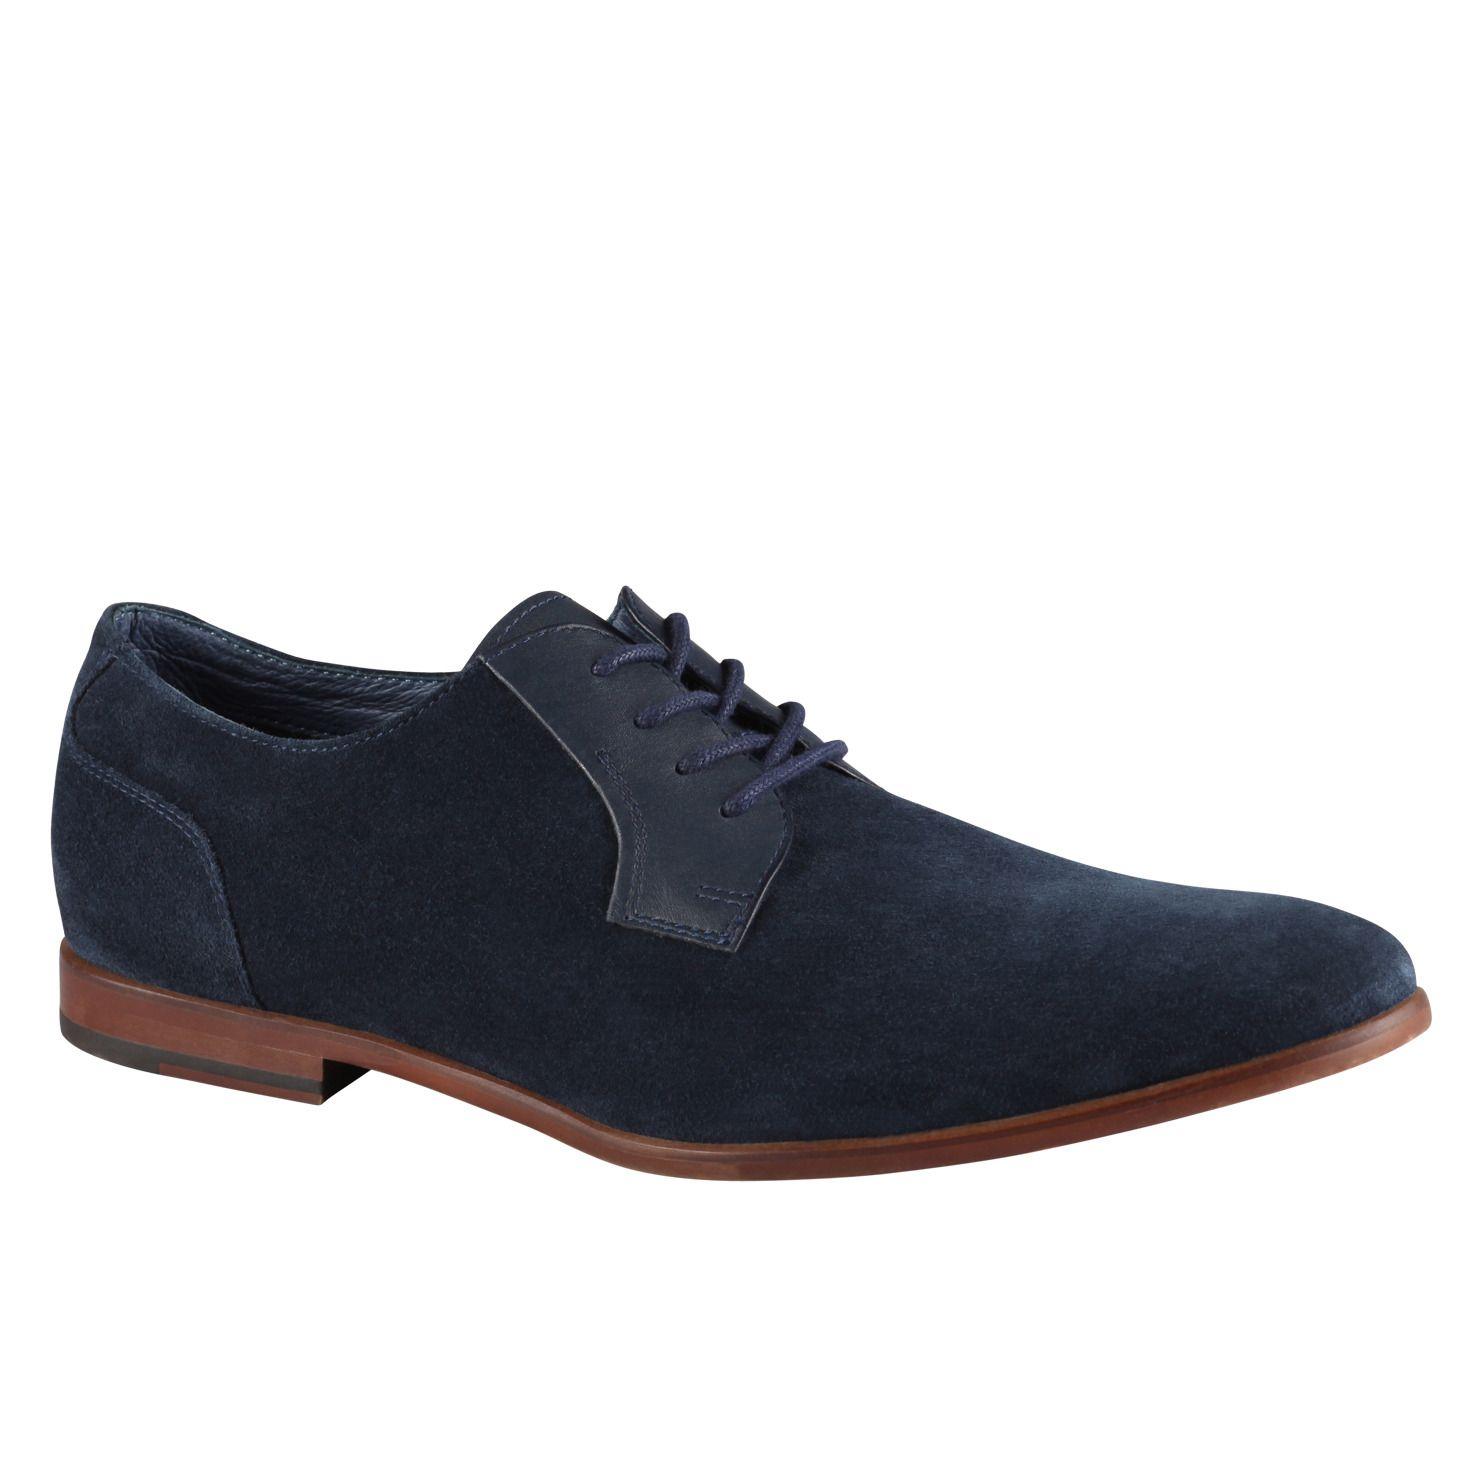 Aldo Shoes Mens, Black Dress Shoes, Suede Oxfords, Men Dress, Dress Lace